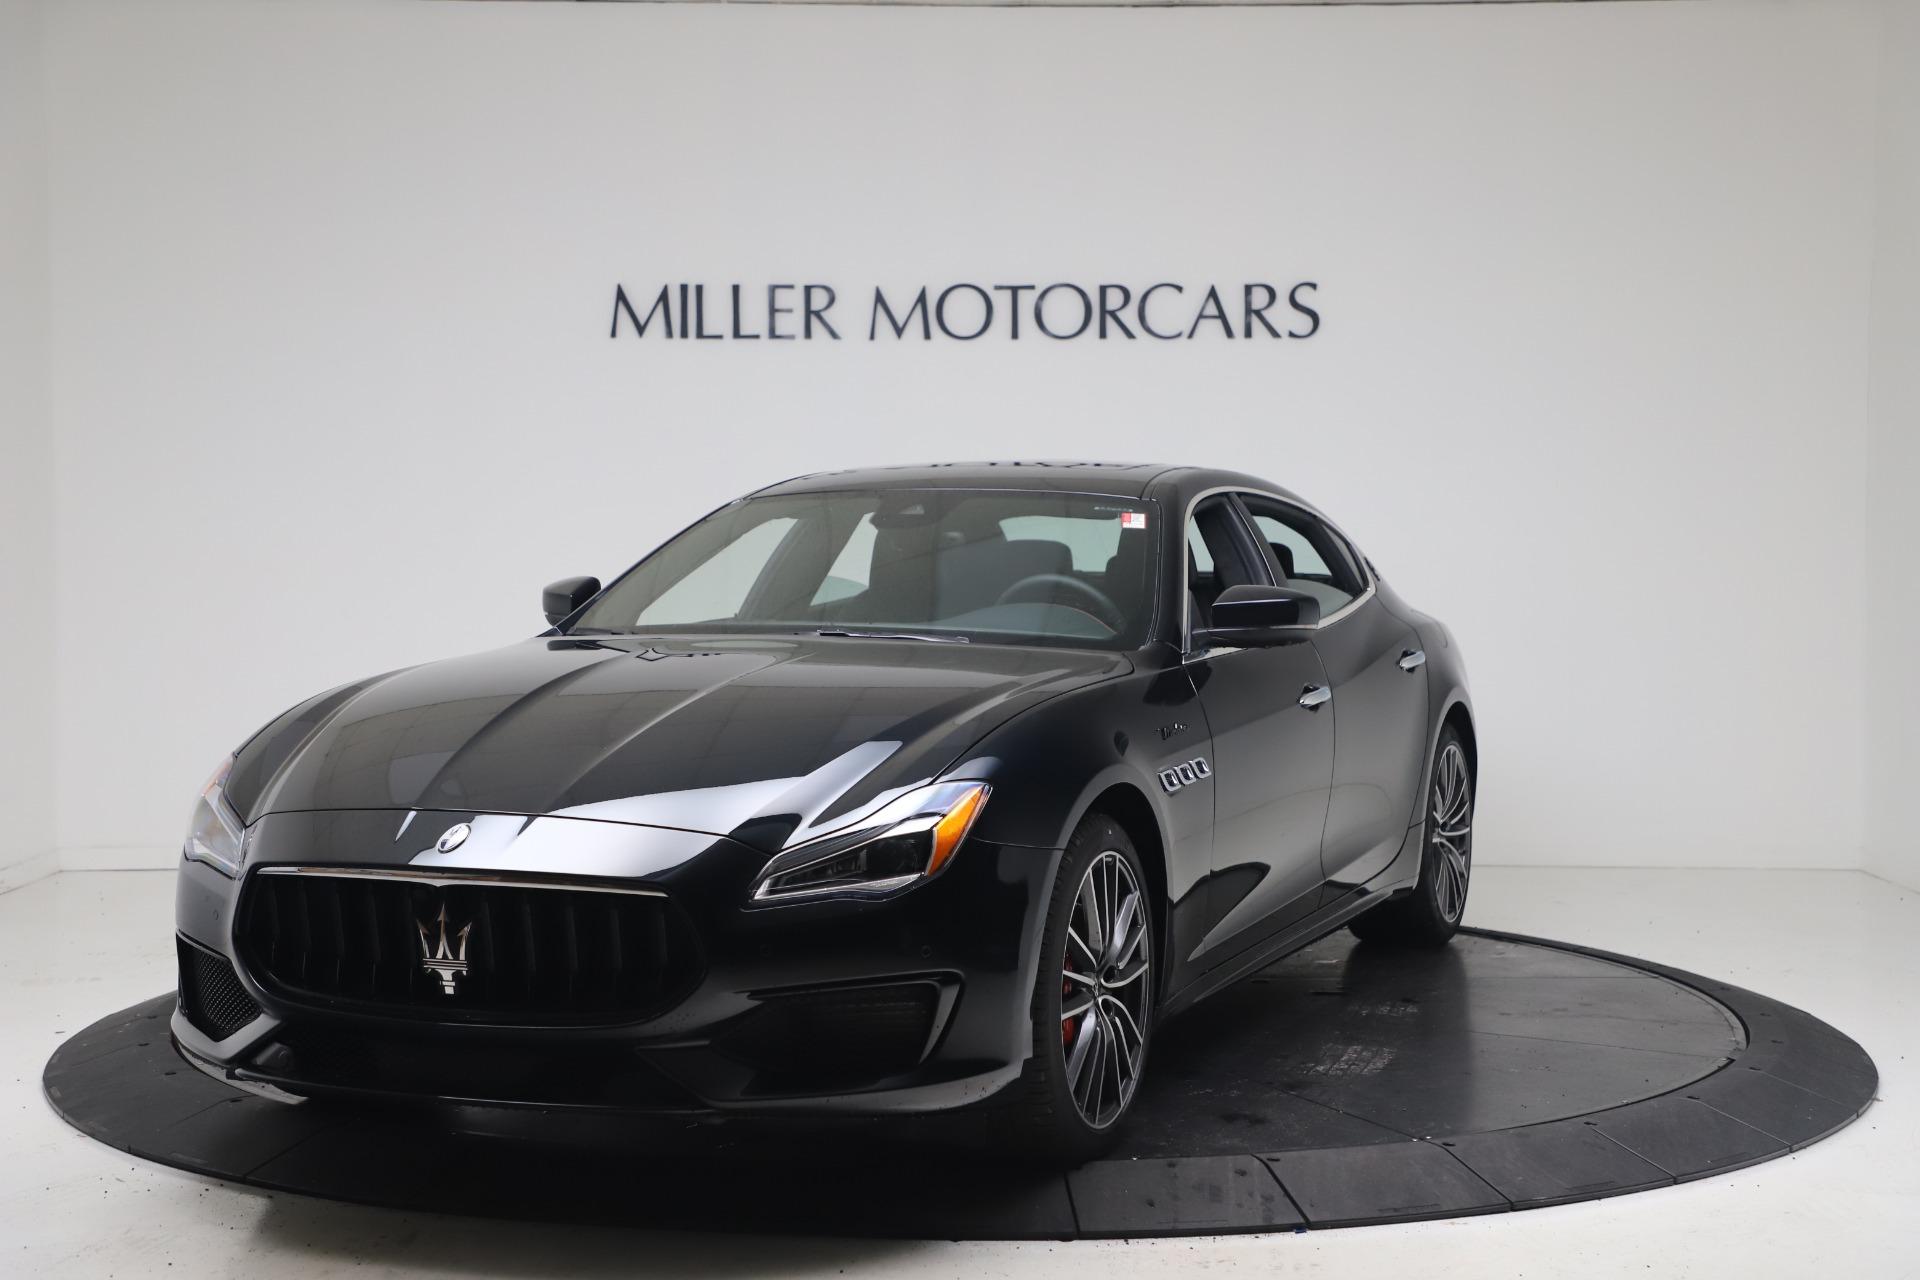 New 2022 Maserati Quattroporte Modena Q4 for sale $128,775 at Bentley Greenwich in Greenwich CT 06830 1